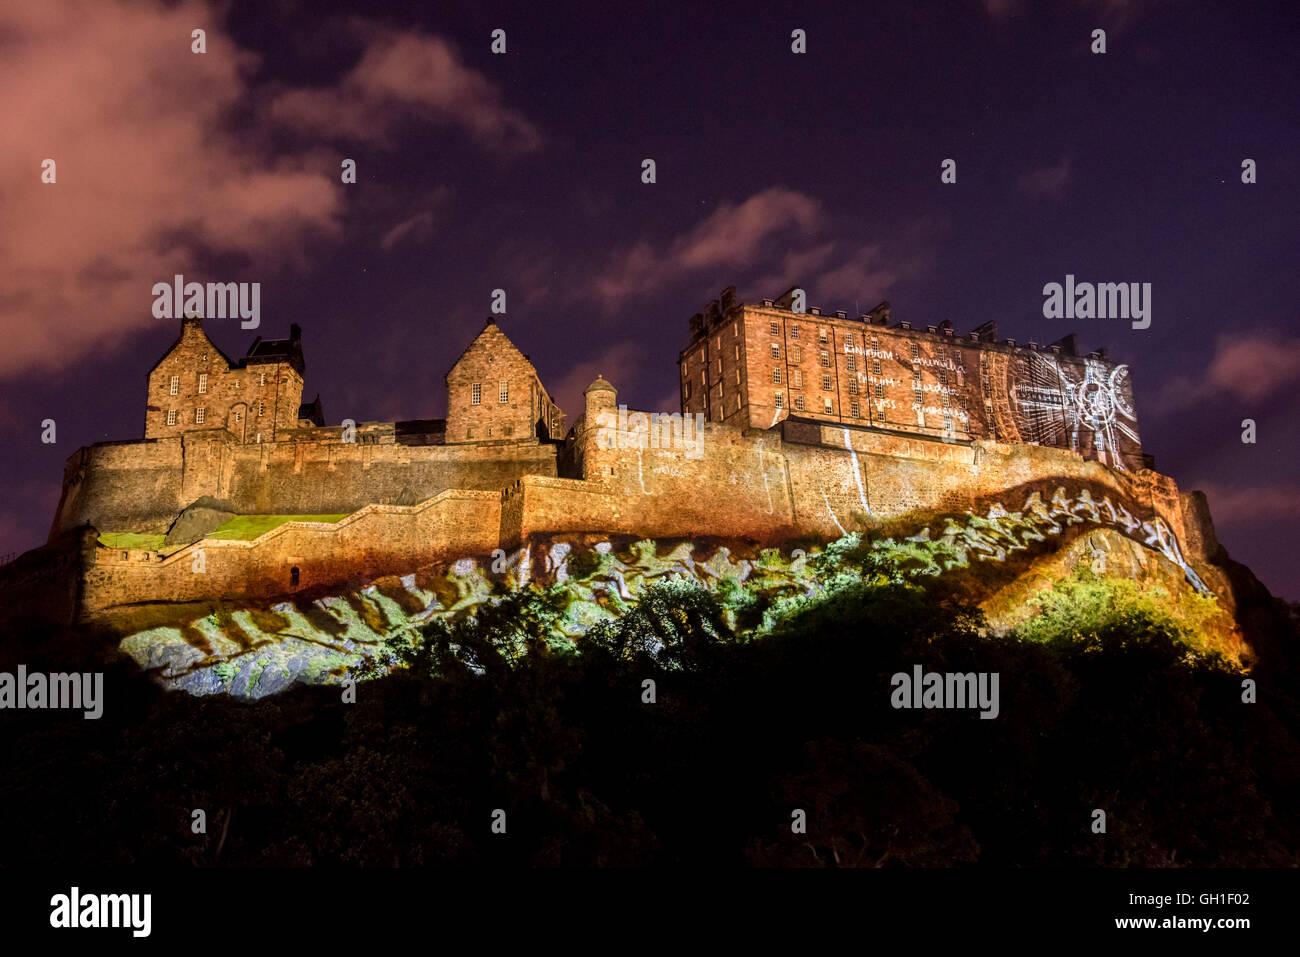 Edimburgo, Scozia, Regno Unito. Il 7 agosto, 2016. Luce e proiezioni laser proiettato sul Castello di Edimburgo Foto Stock